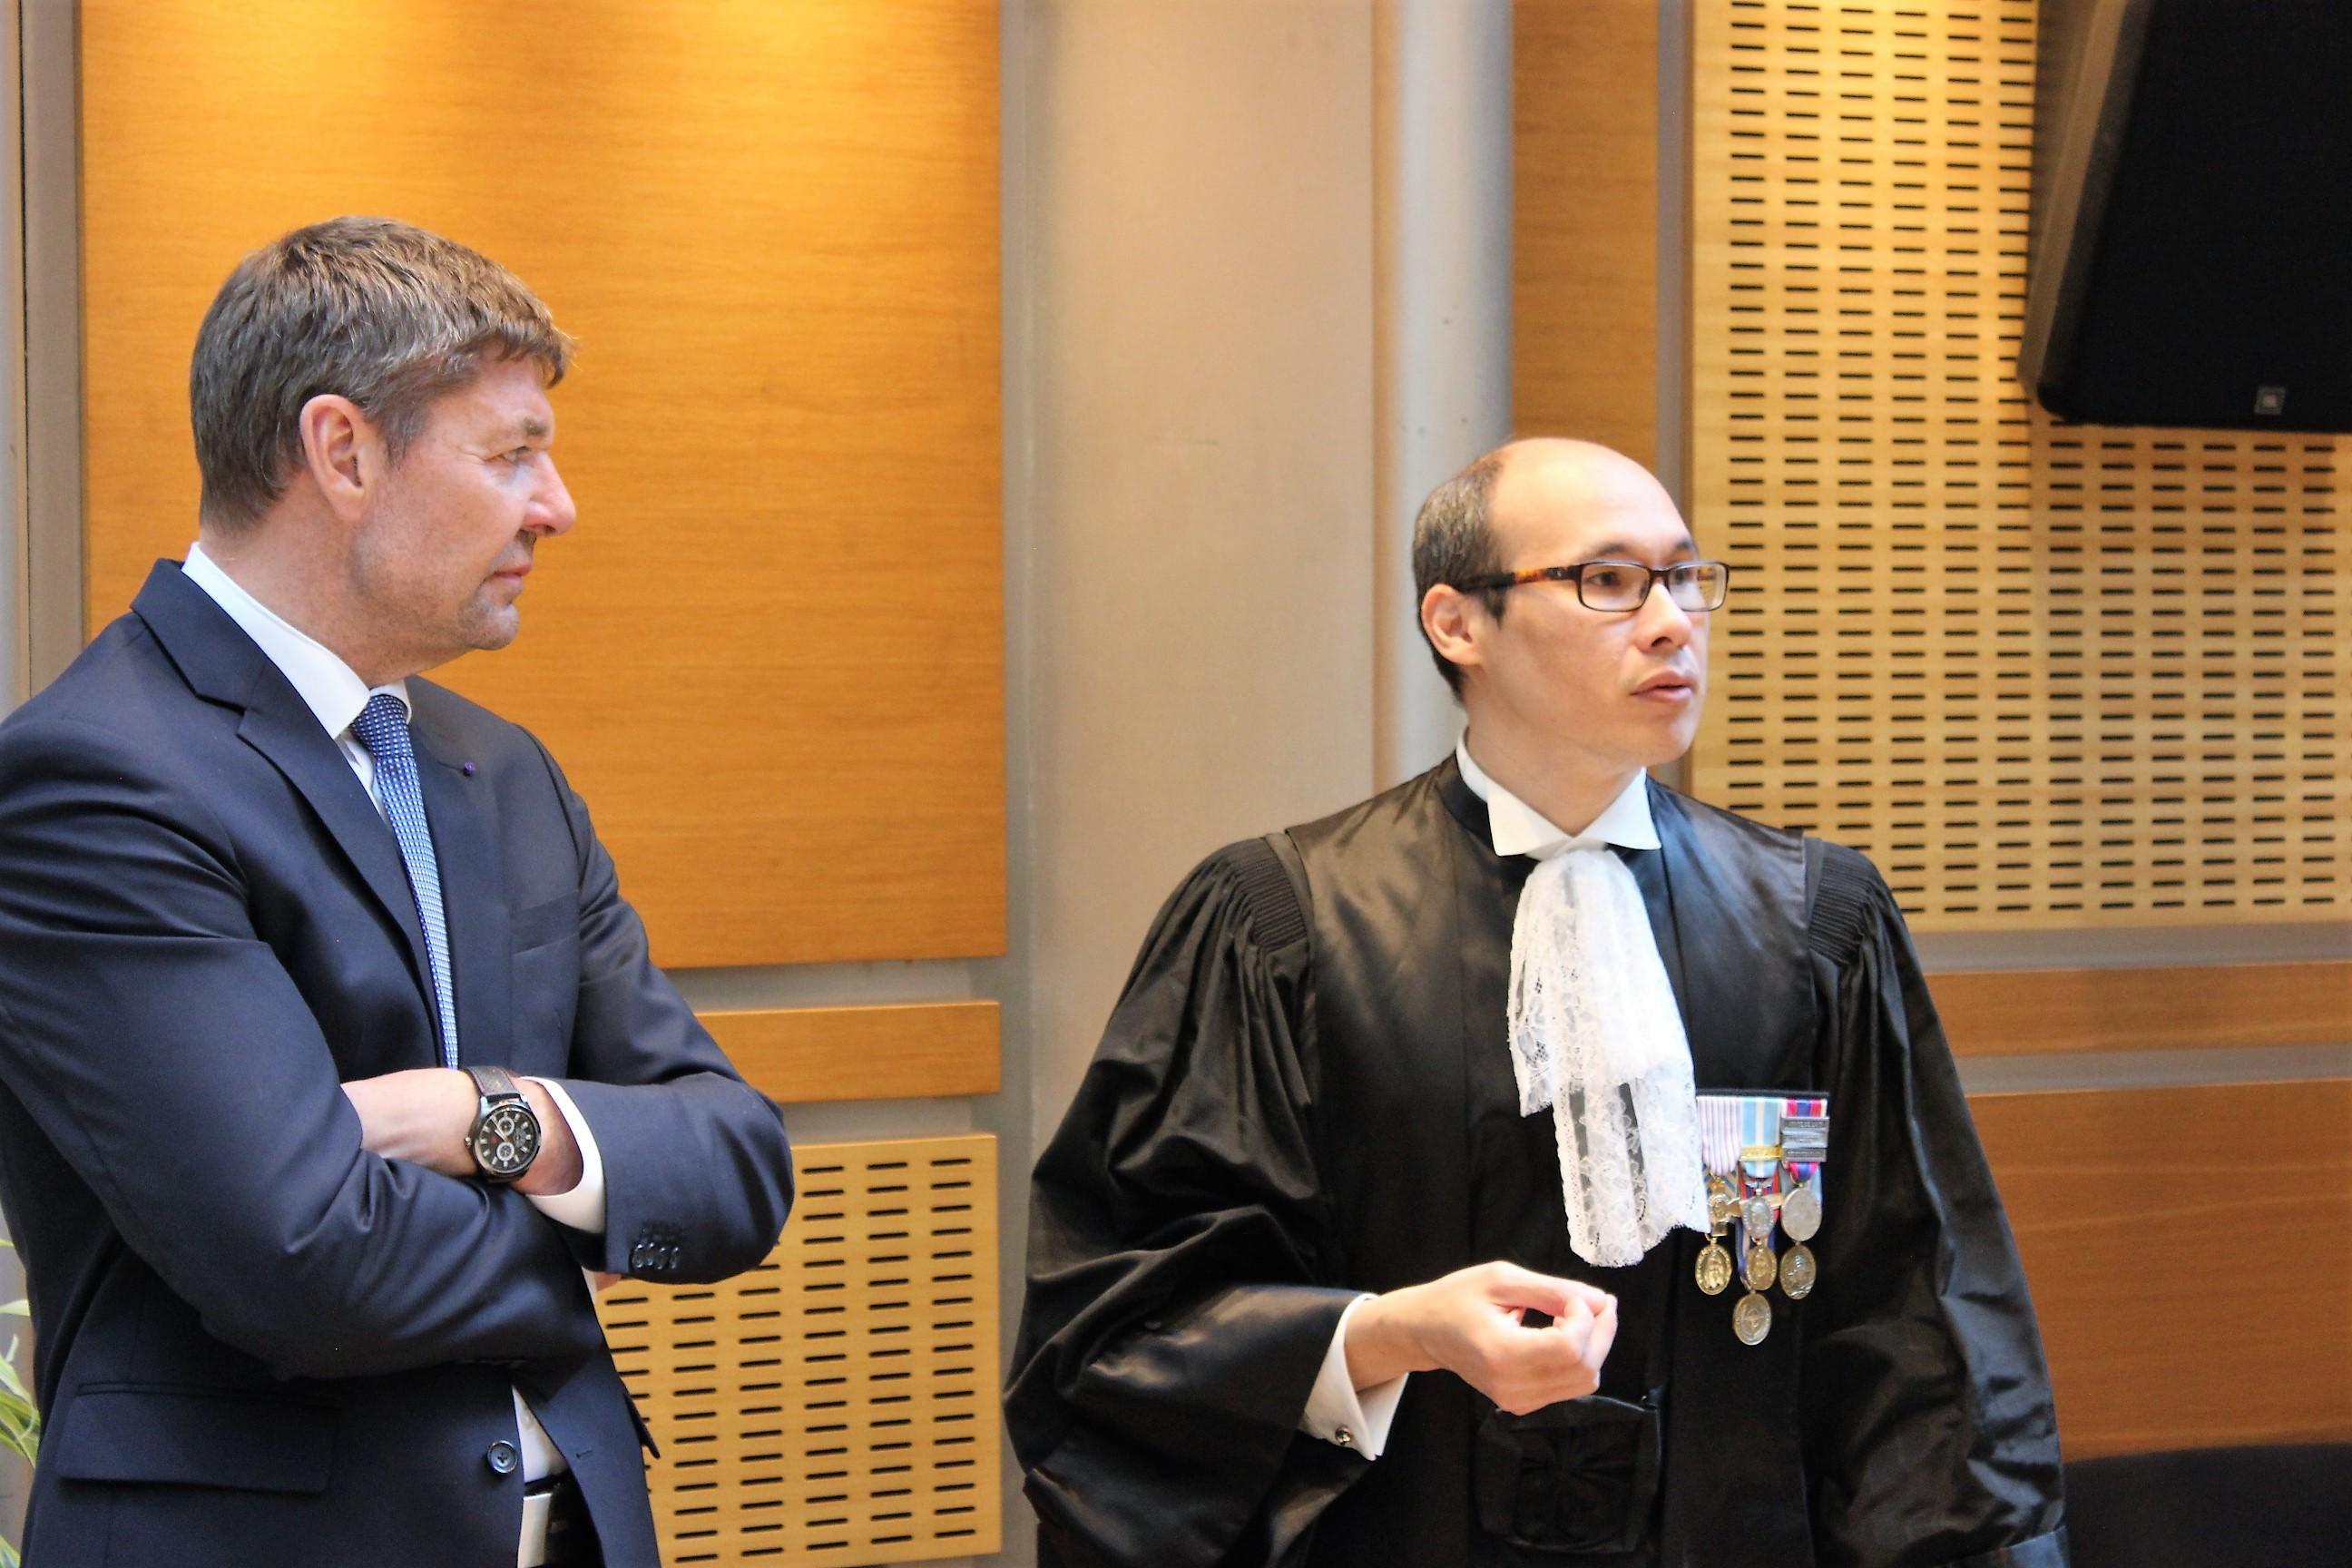 Sébastien Lepers et Joël Viratelle dans la salle de conférence de la Cour des comptes à Paris ©Outremers360